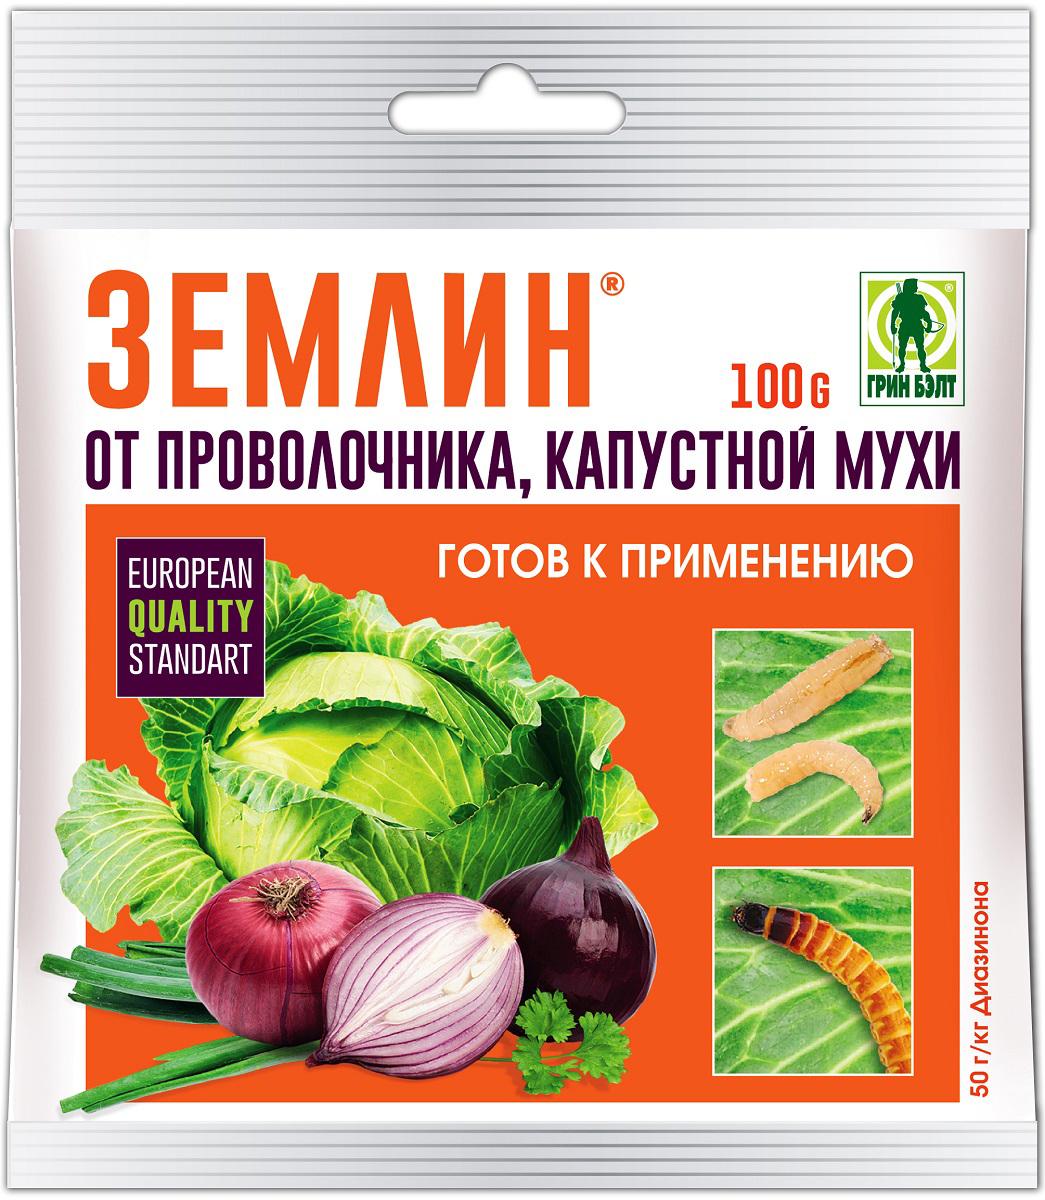 Защита овощных культур Грин Бэлт, 100 г аюрведическое средство от простуды и ангины dabur madhuvaani honitus 150 г